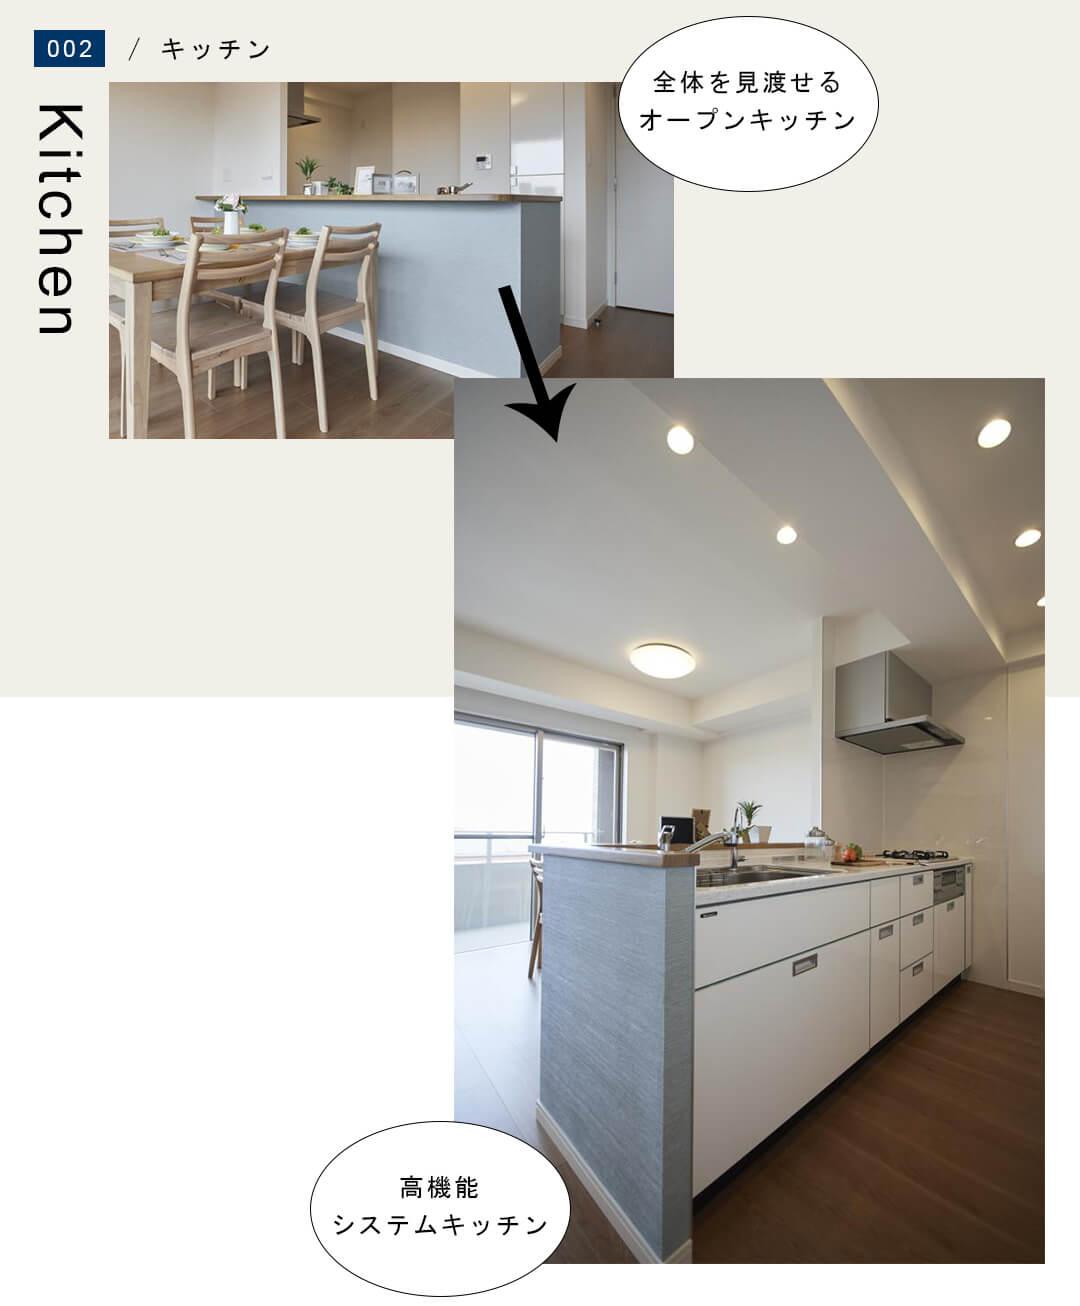 ライオンズマンション茅ヶ崎サザンビーチのキッチン